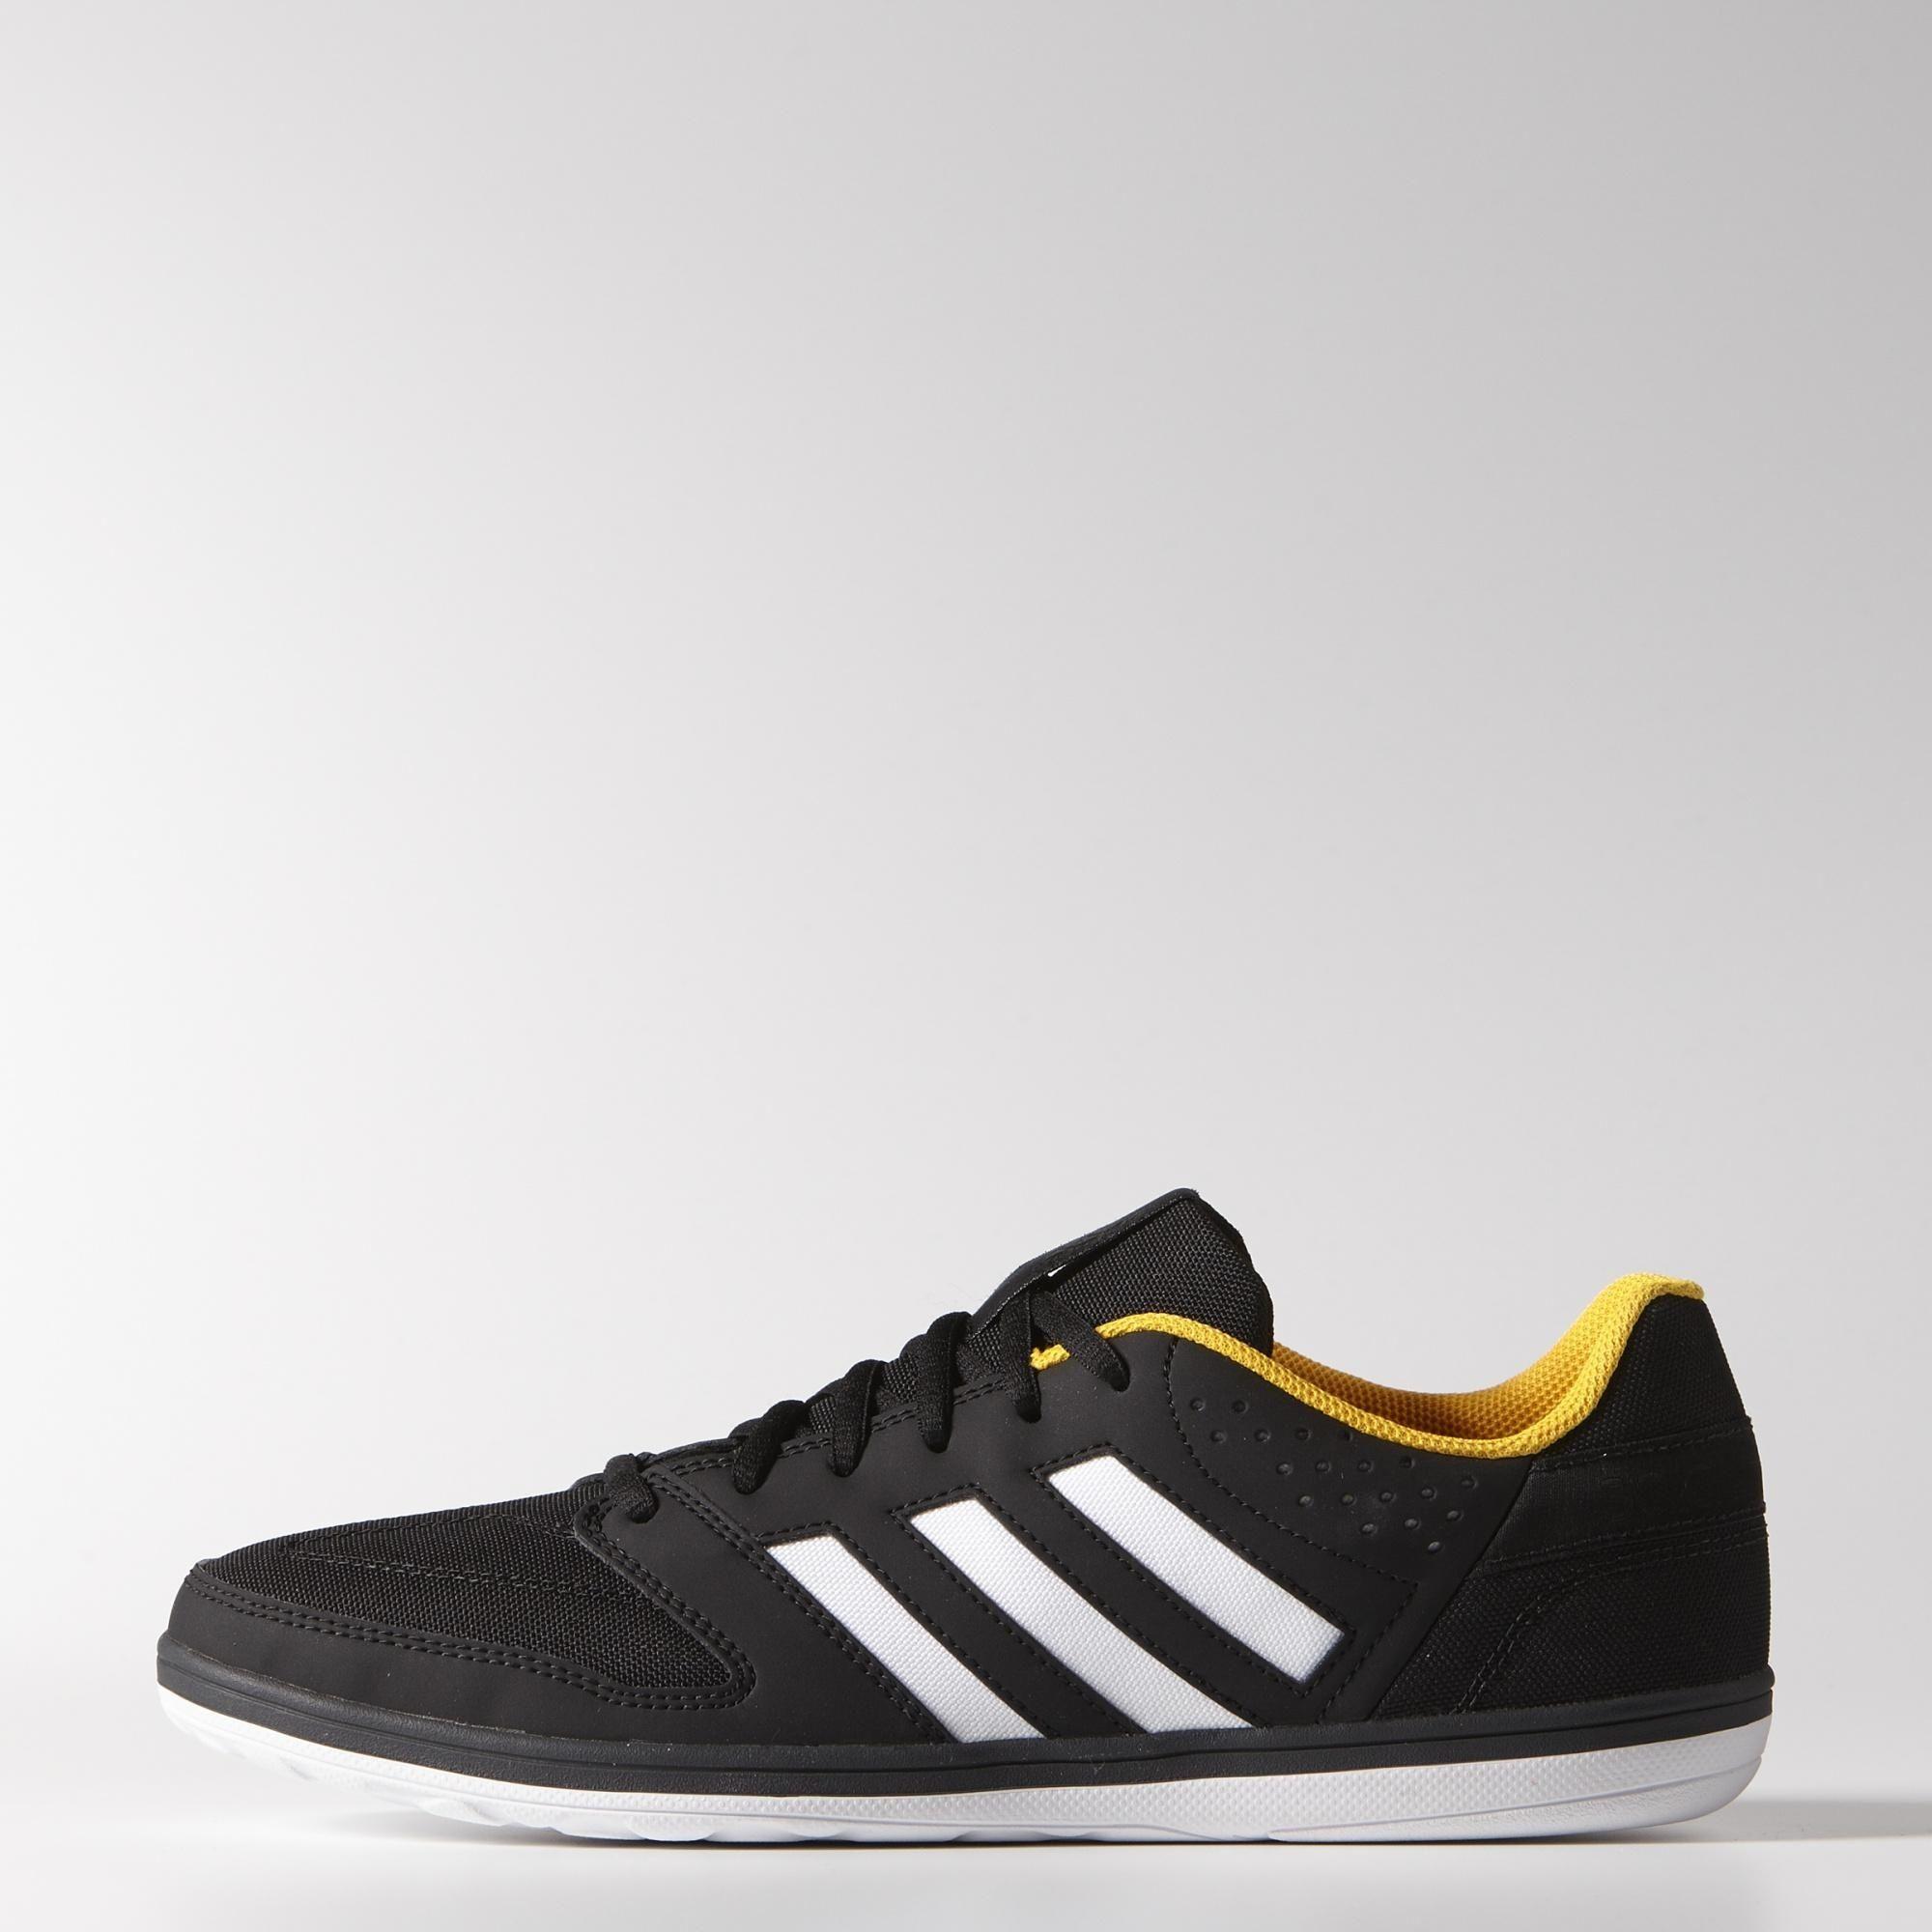 Tienda online descuento de venta caliente bajo costo adidas Freefootball Janeirinha Sala Shoes | adidas UK | Adidas ...